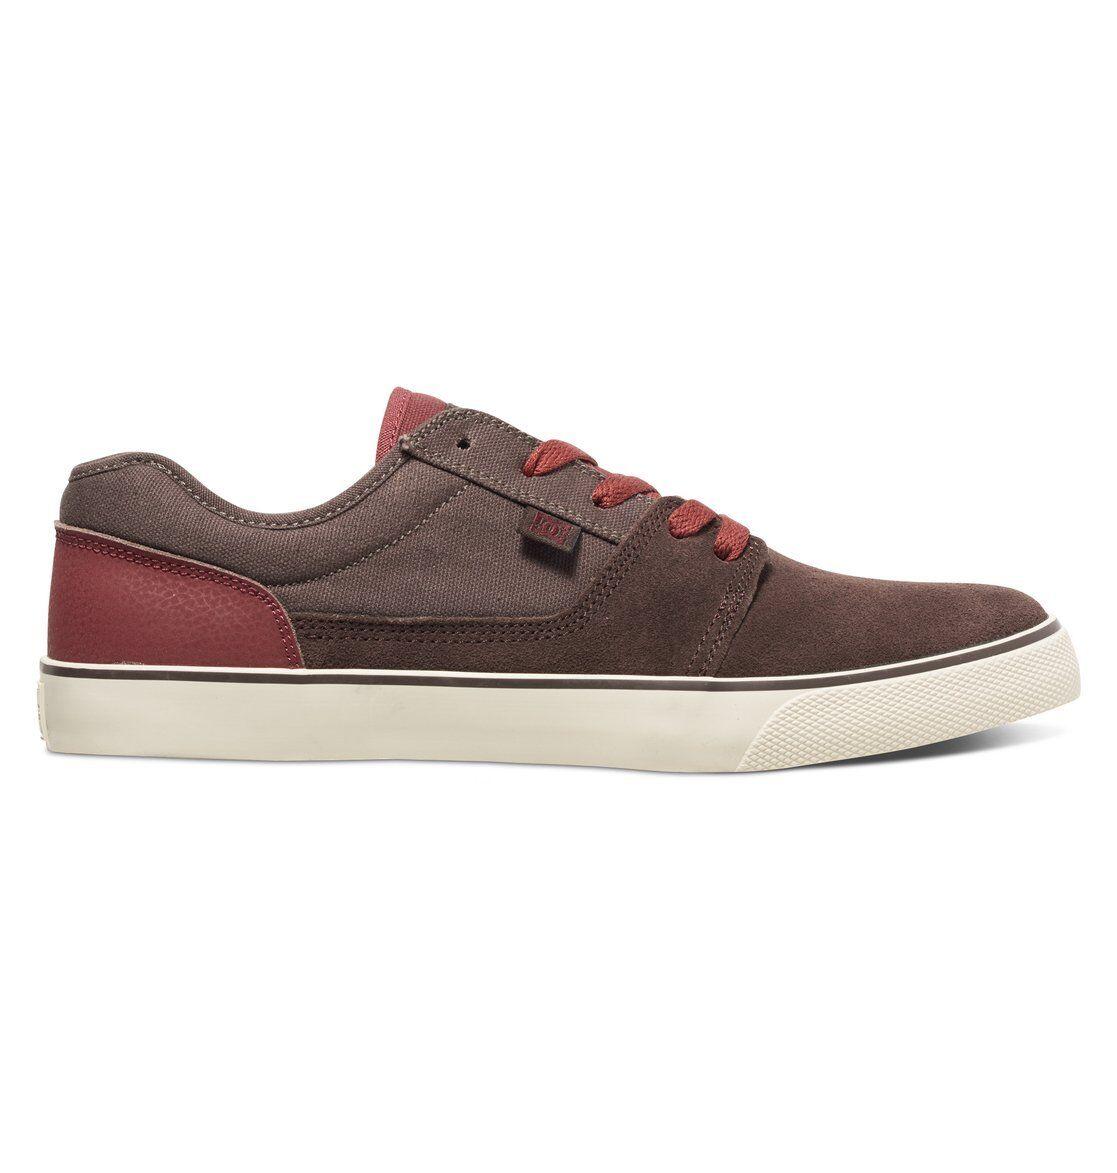 DC - Schuhe - Tonik chocolate - DC Schuhe basse, ultimi numeri: 39,40,44 b6ec00